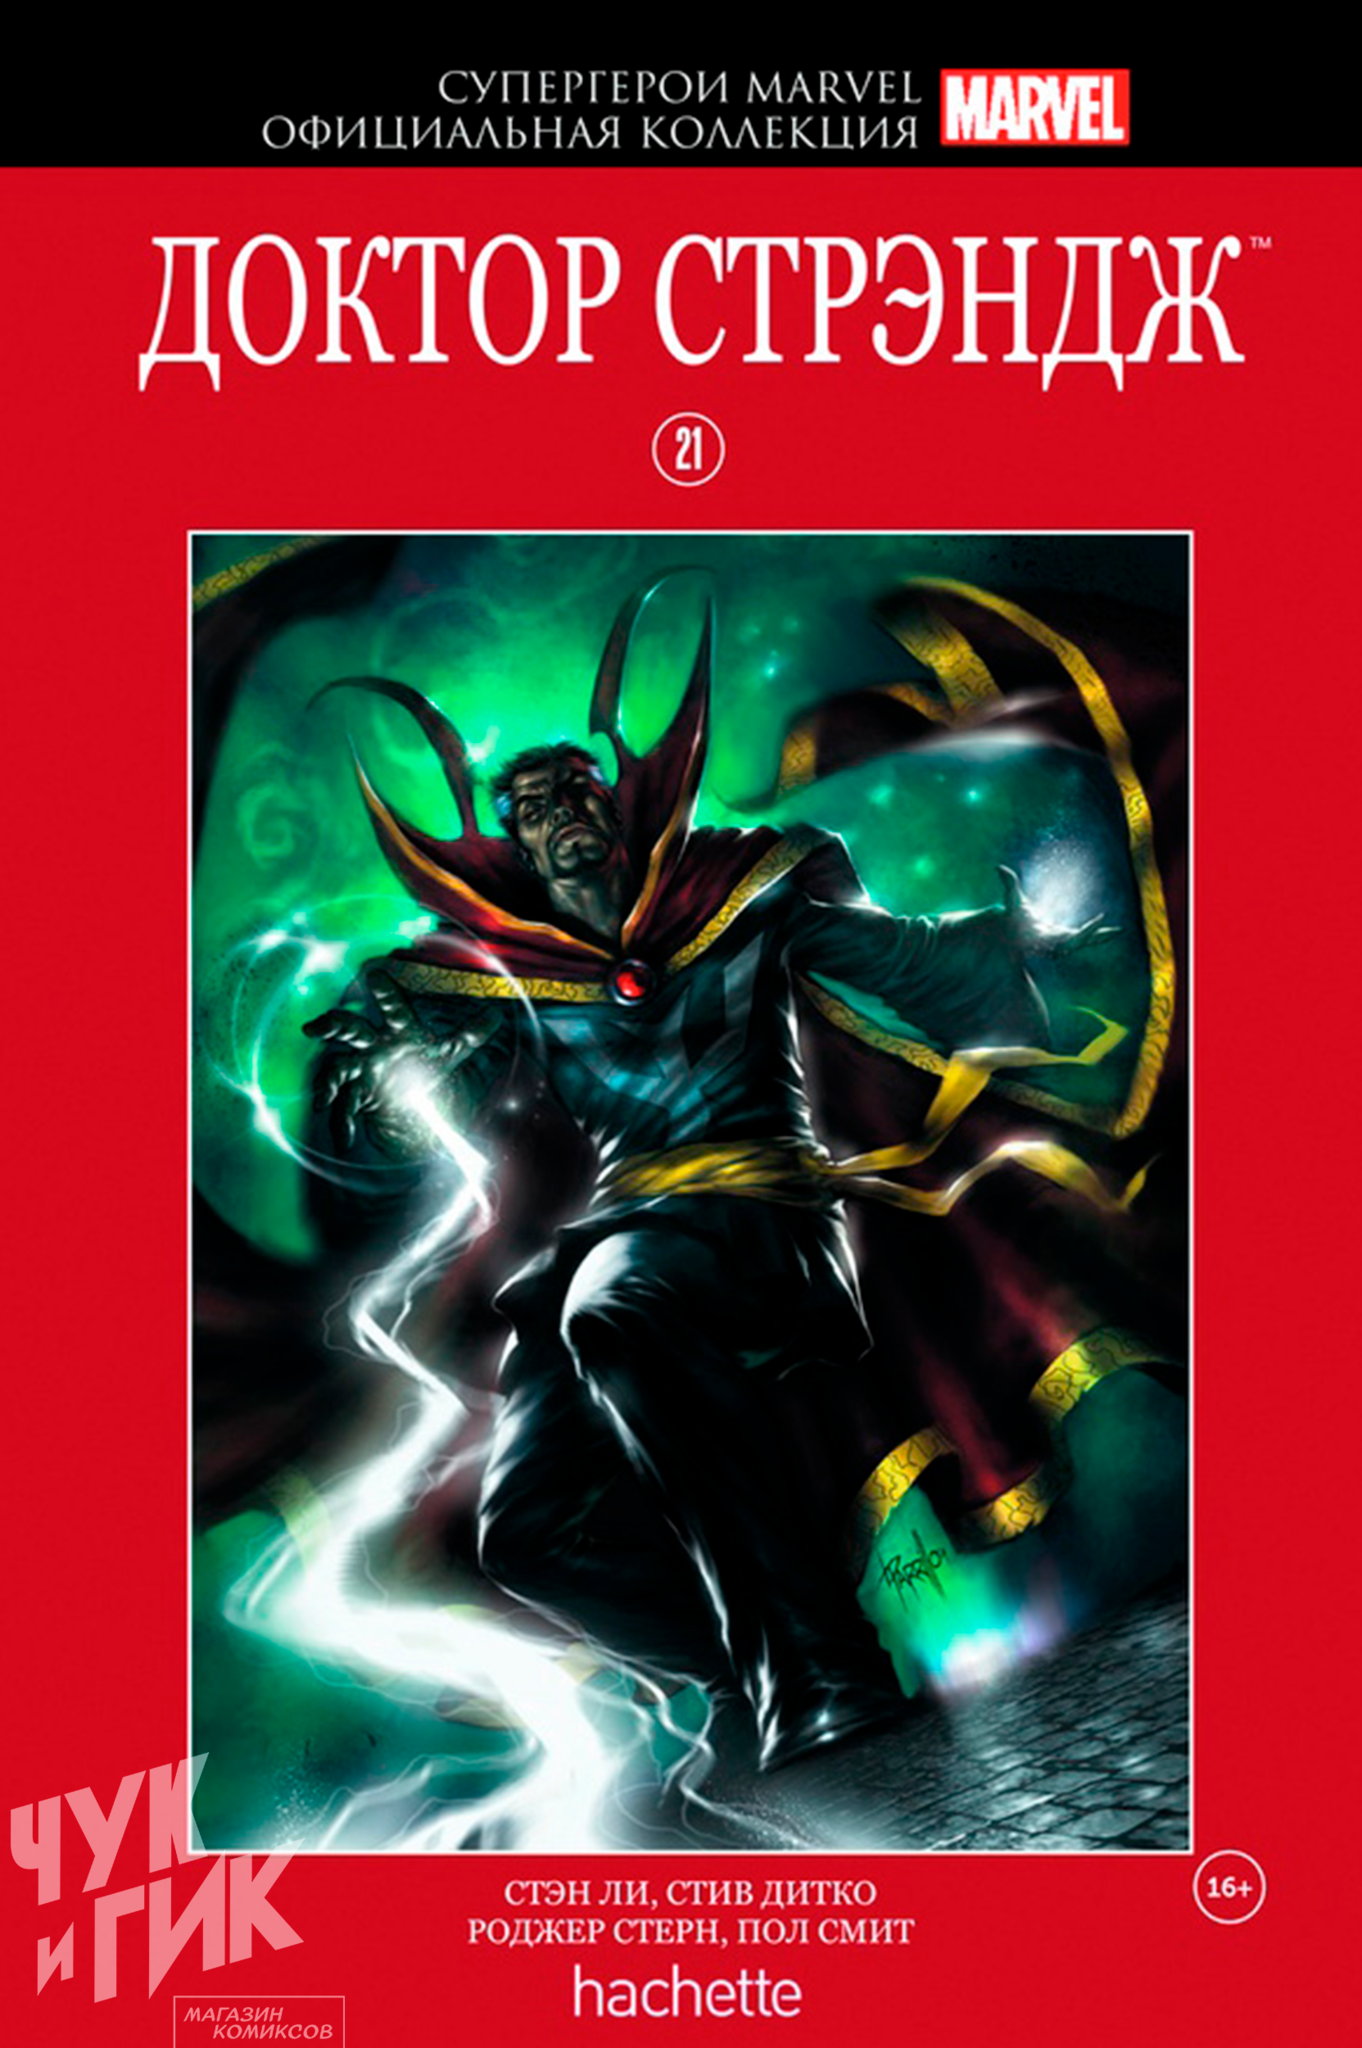 Супергерои Marvel. Официальная коллекция №21. Доктор Стрэндж